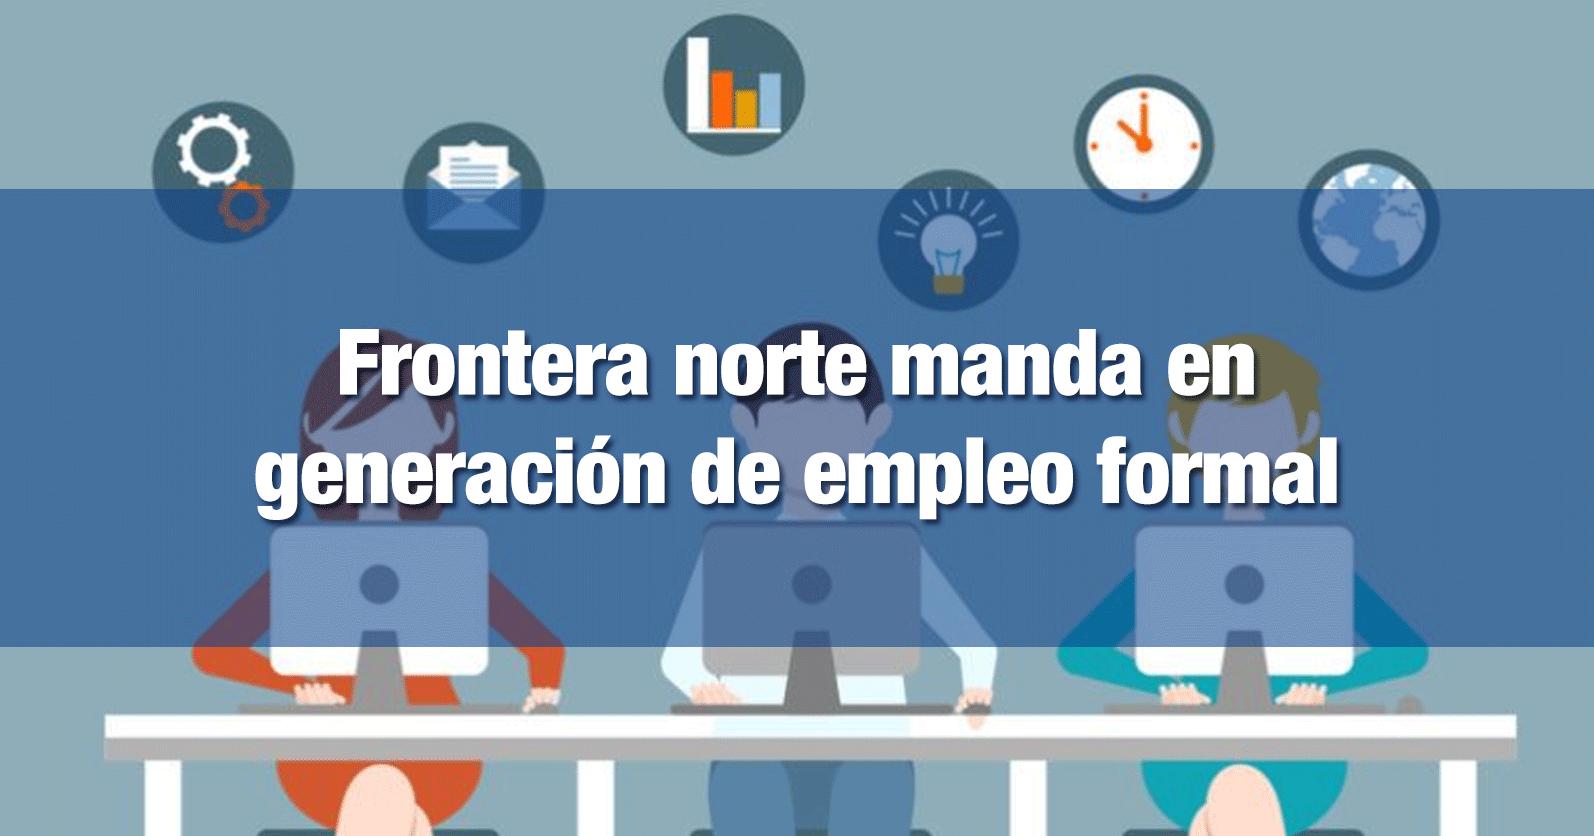 Frontera norte manda en generación de empleo formal